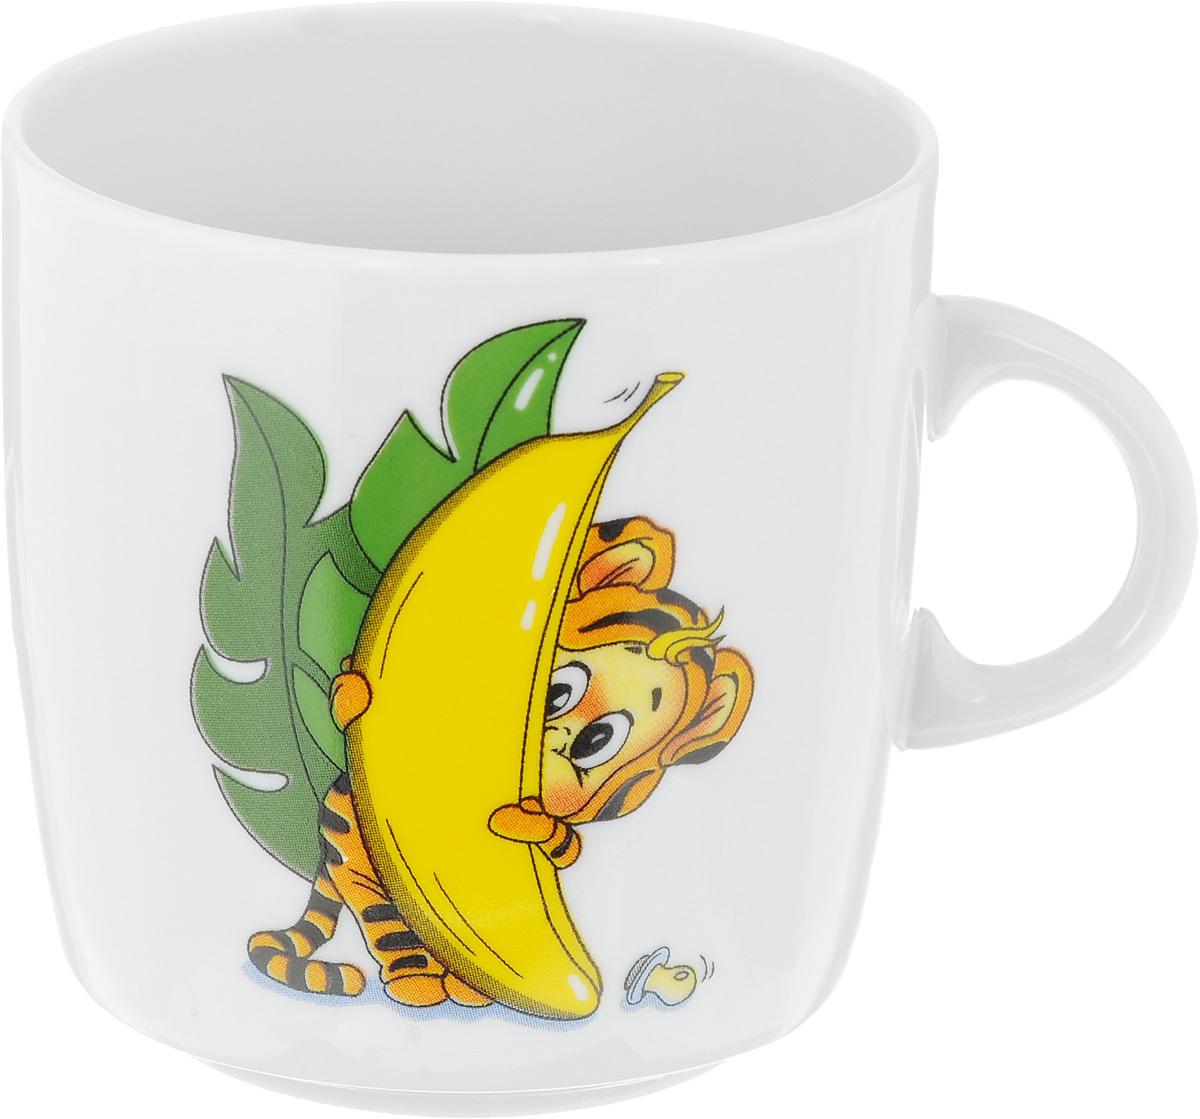 Кружка Фарфор Вербилок Тигрята, 210 мл. 87115208711520_тигренок, бананКружка Фарфор Вербилок Тигрята способна скрасить любое чаепитие. Изделие выполнено из высококачественного фарфора. Посуда из такого материала позволяет сохранить истинный вкус напитка, а также помогает ему дольше оставаться теплым. Диаметр кружки (по верхнему краю): 7 см. Высота кружки: 7,5 см.